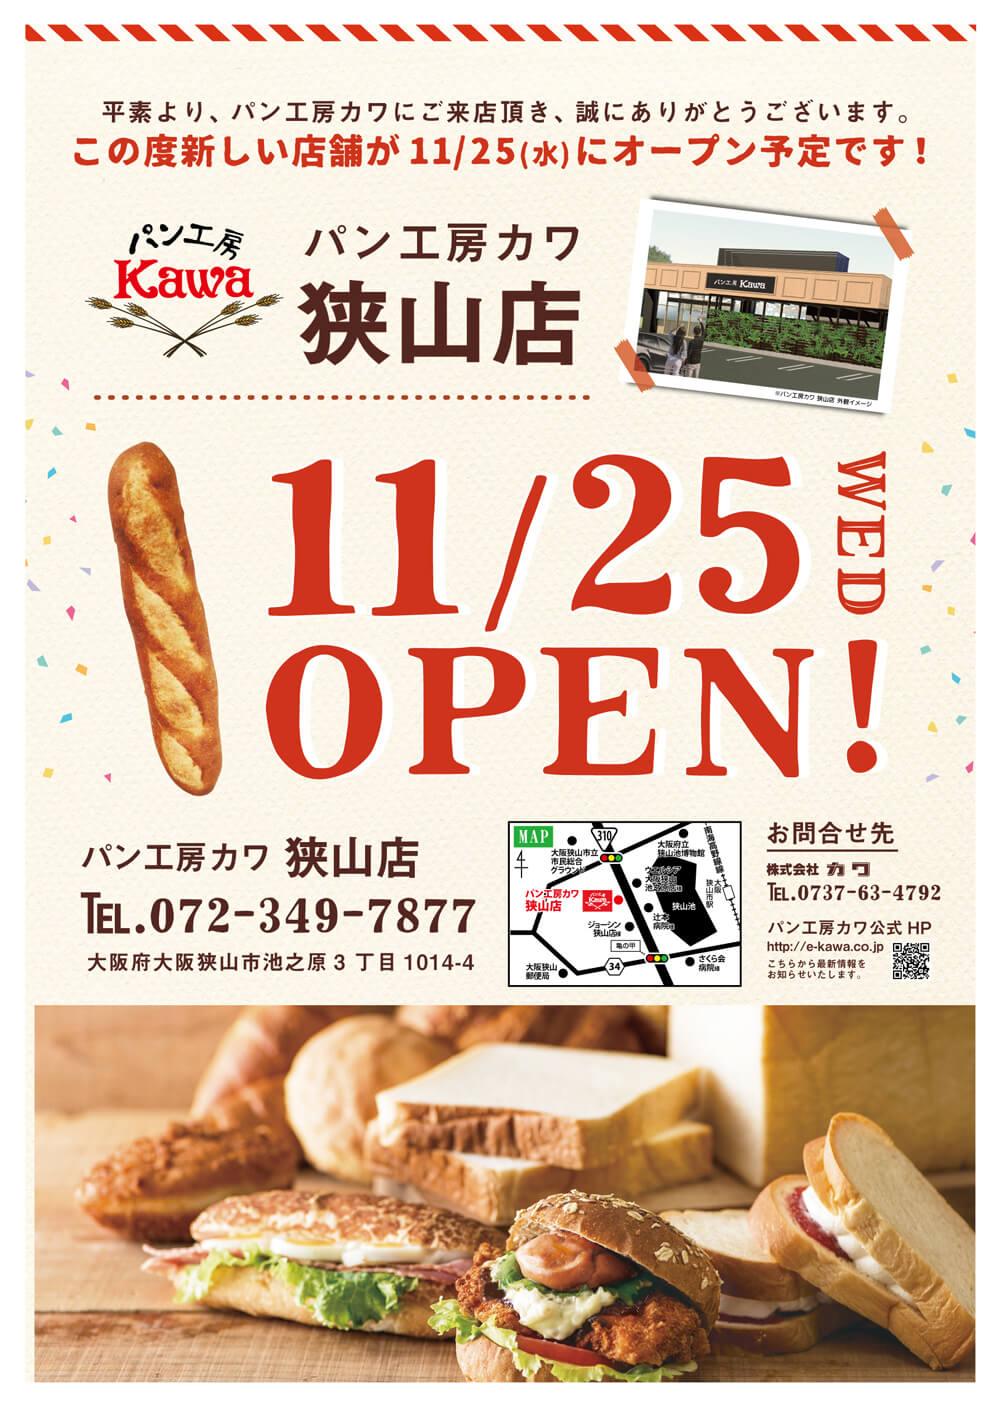 「パン工房-kawa(カワ)-狭山店-」が2020年11月25日にオープン-(1)